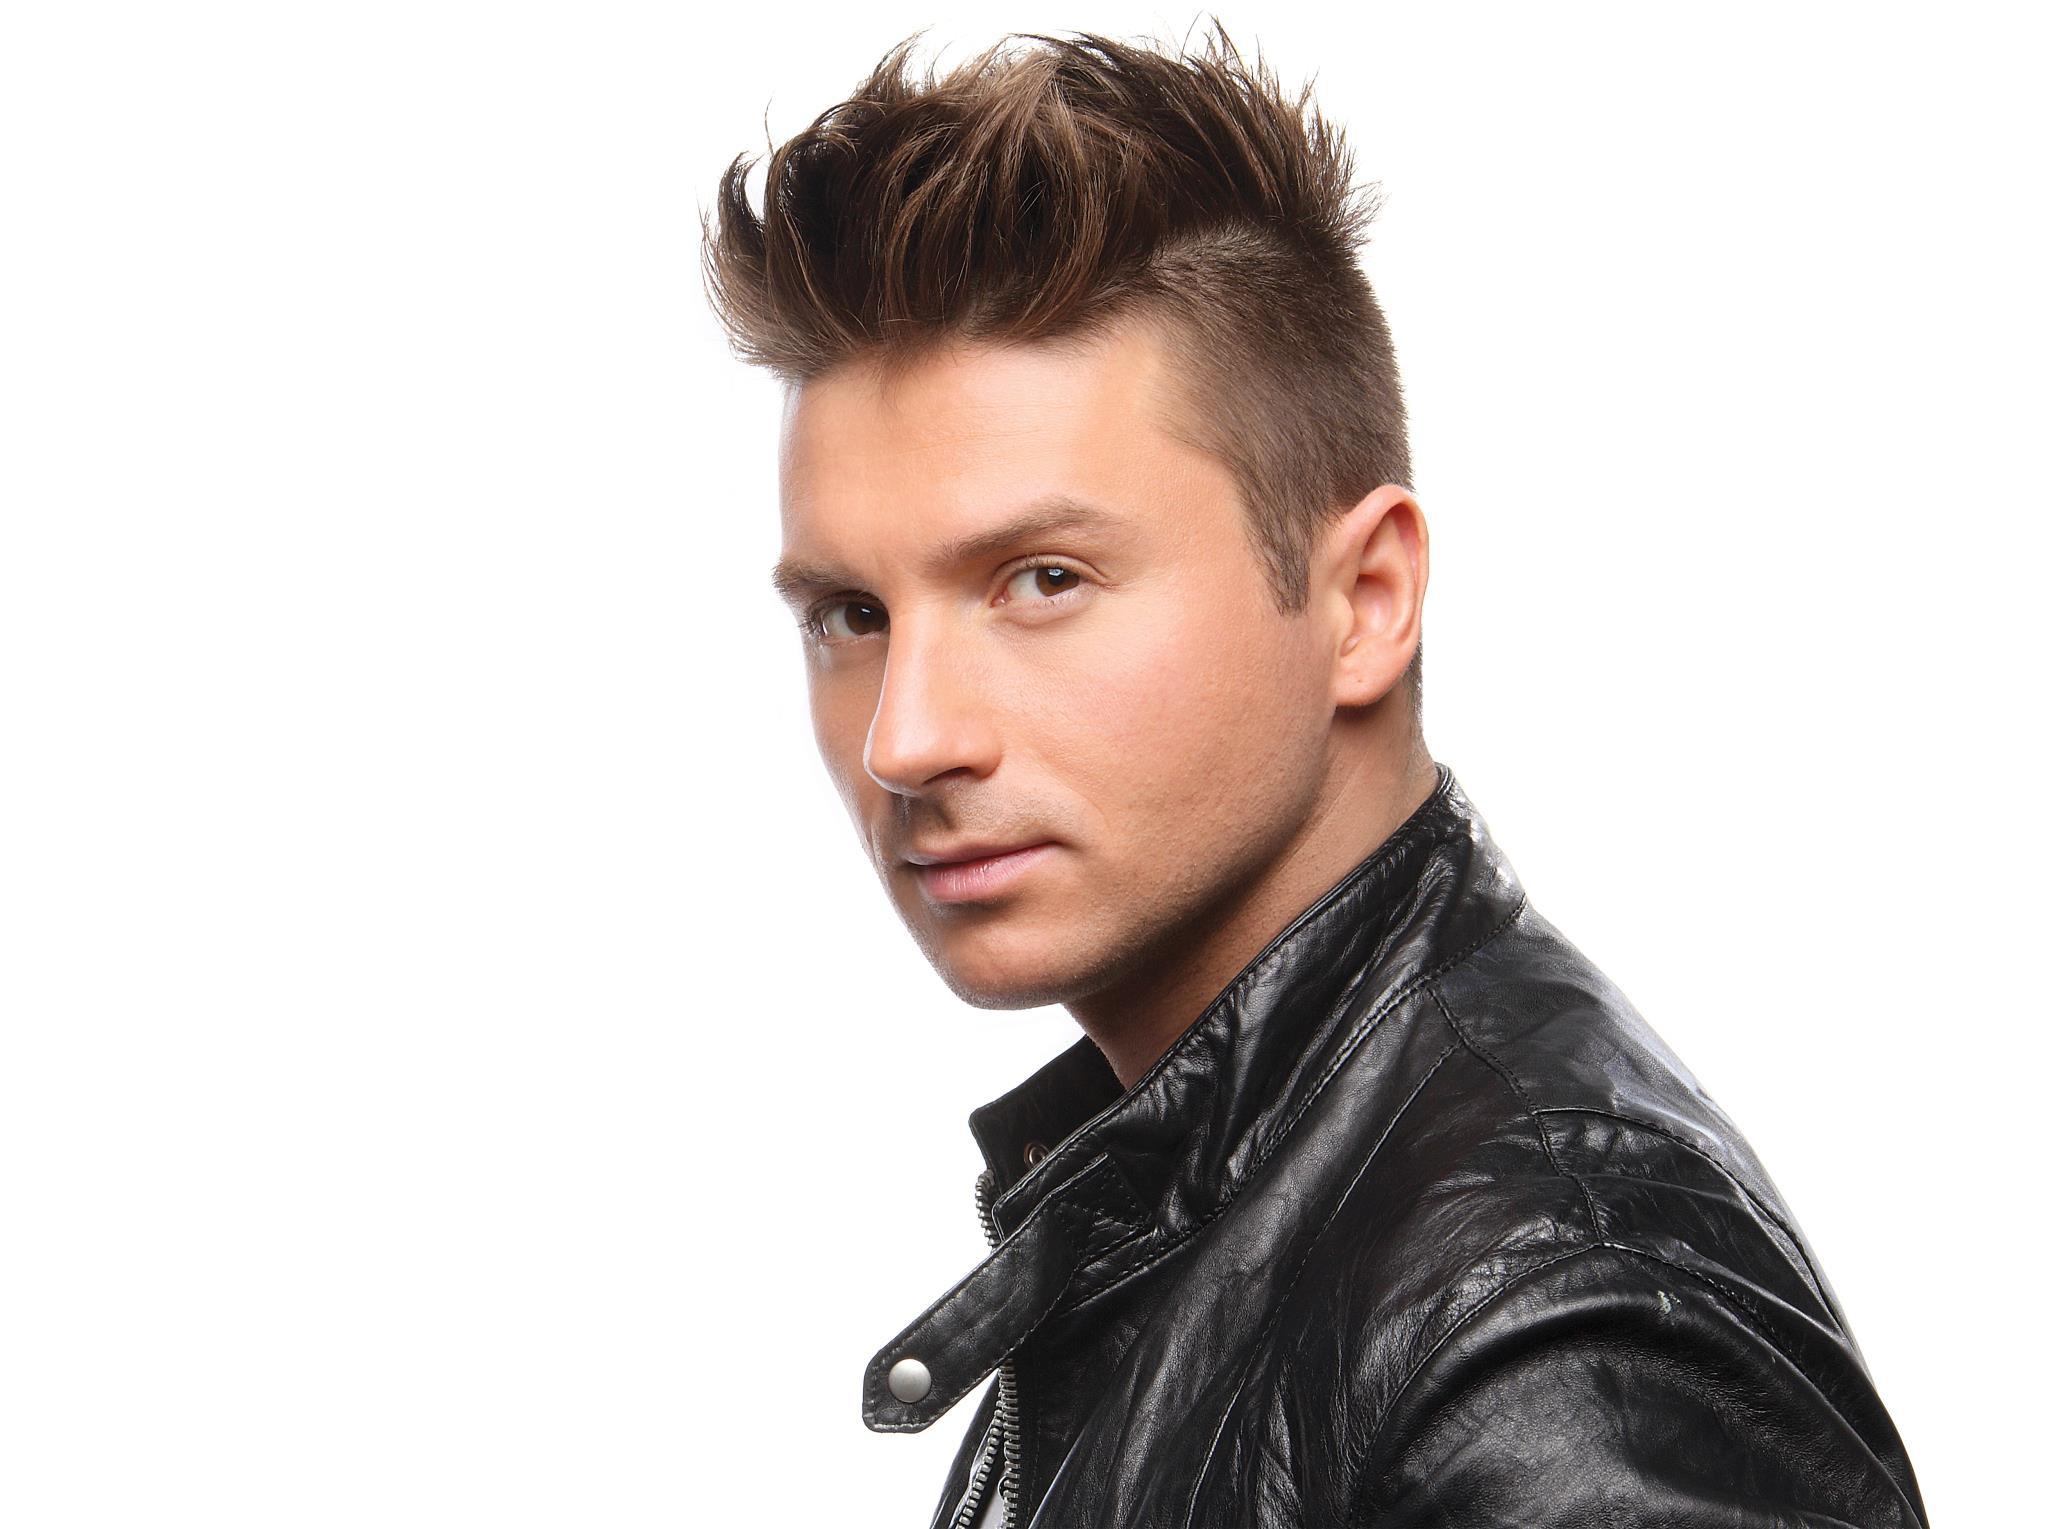 Сергей Лазарев: В 2019 году я приостановлю гастроли из-за спектакля